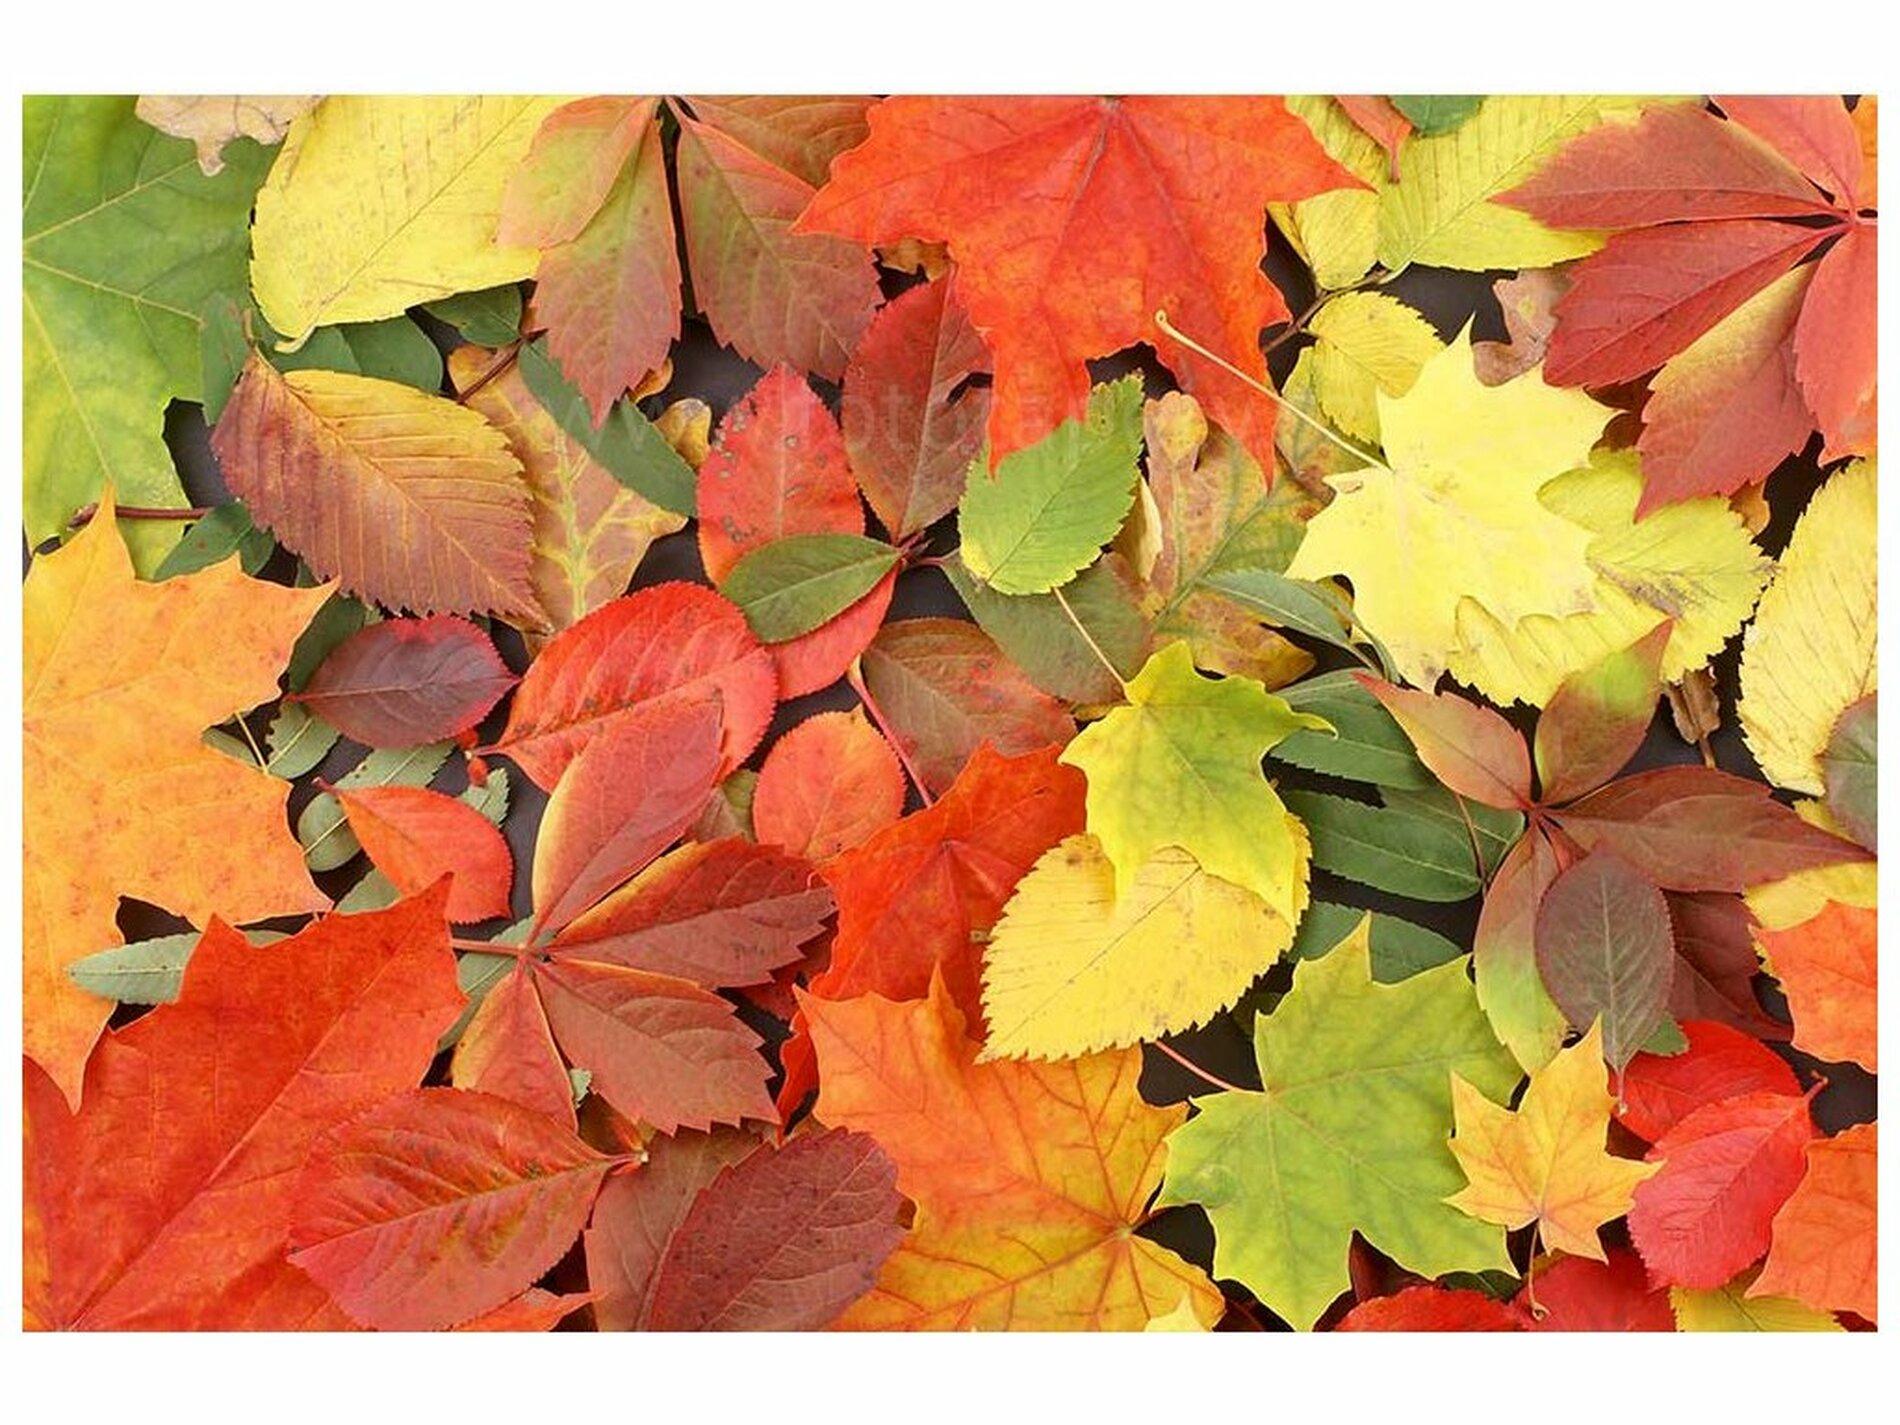 Užívejte podzim v přírodě, vzdělávejte se, těšte se na společné setkávání v budoucnosti - tipy ekoporadny